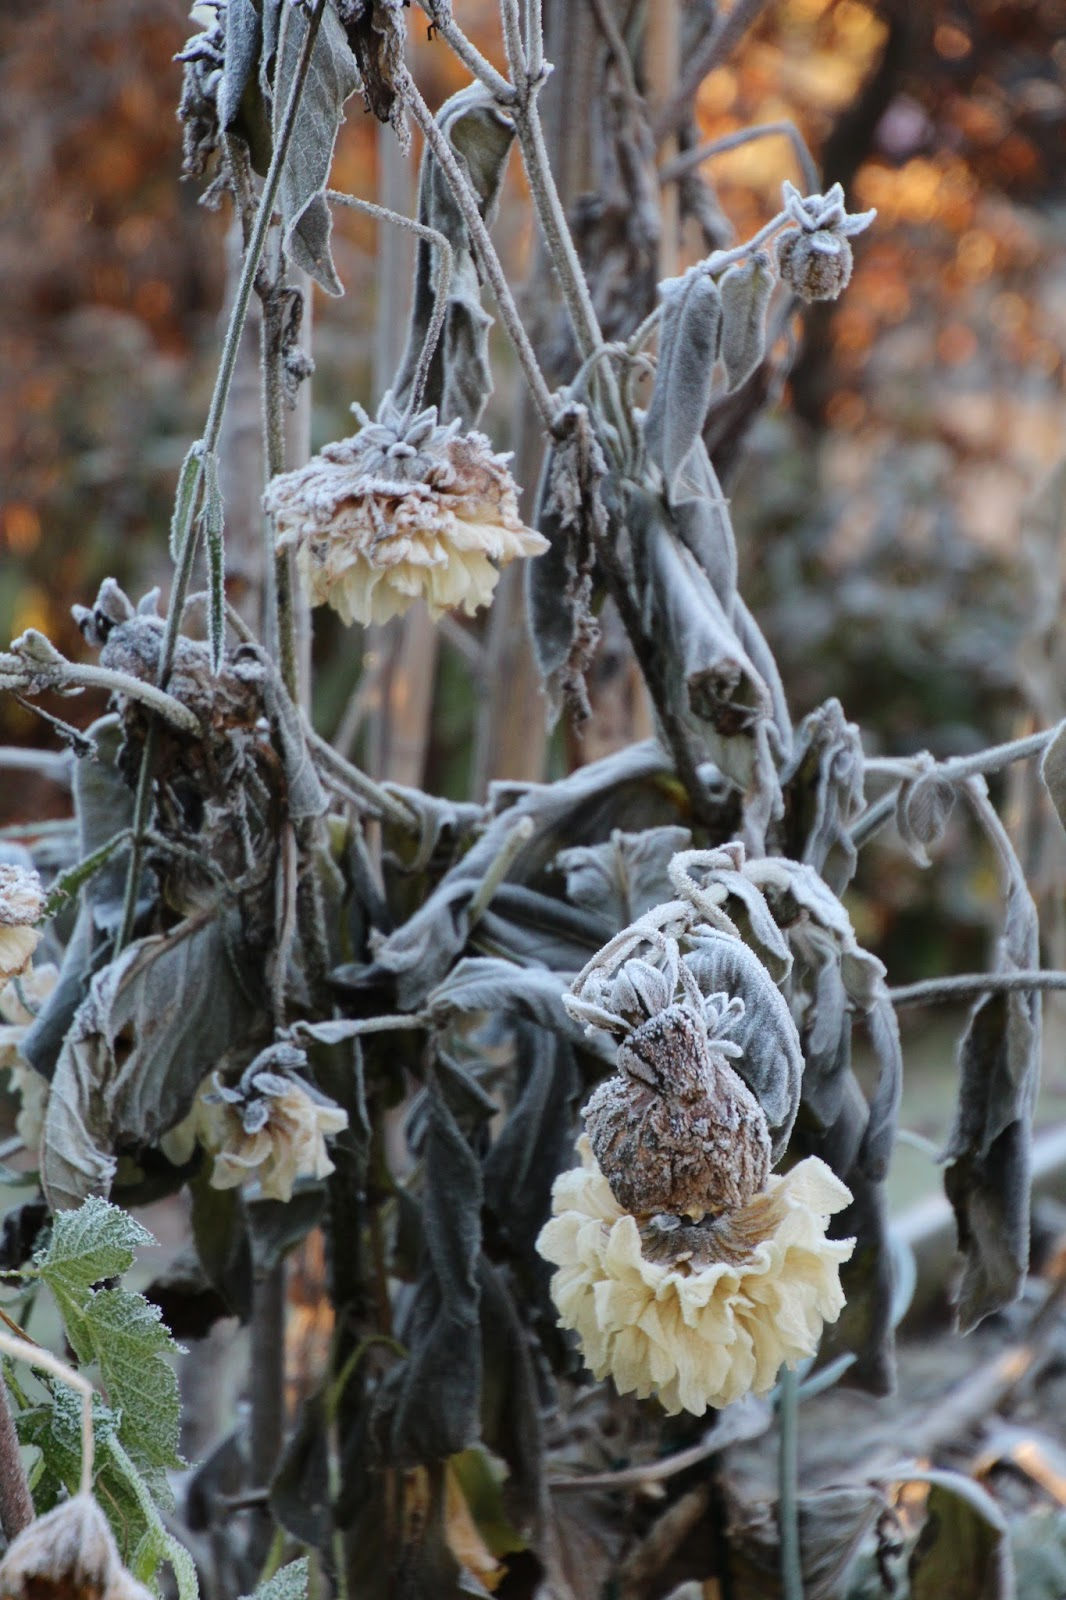 odla dahlior vinterförvaring